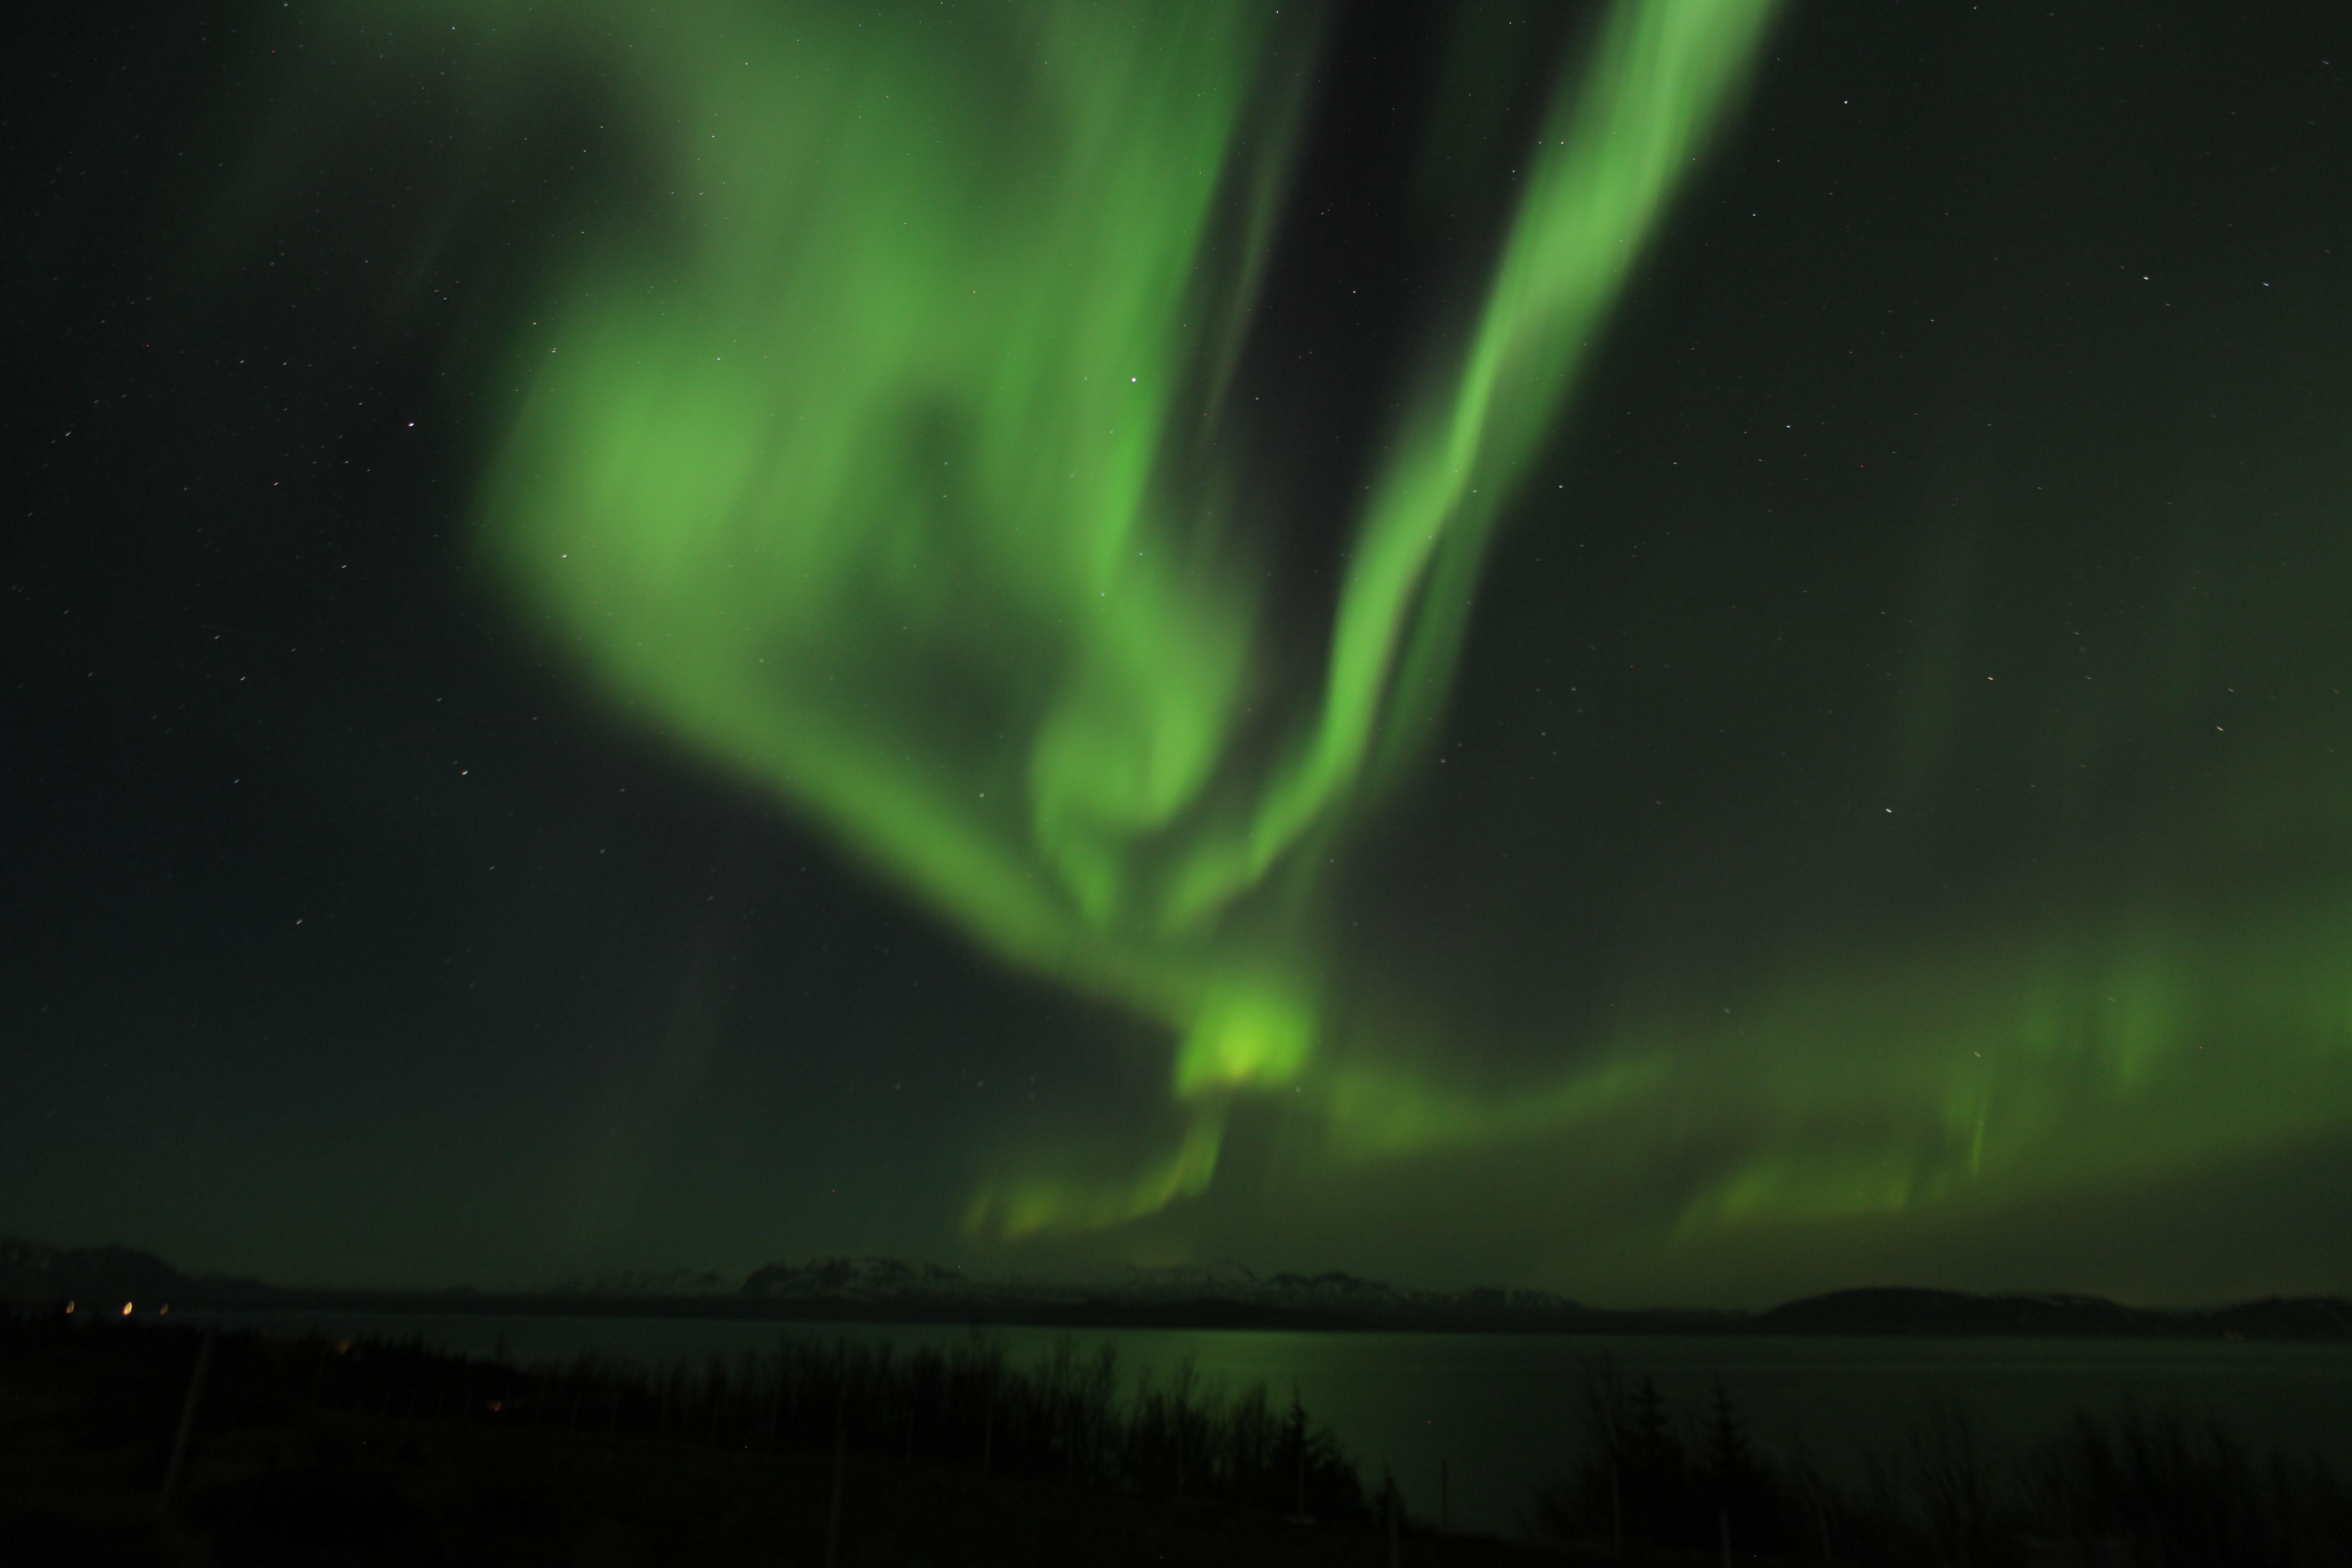 Una aurora boreal danzando en el cielo, no muy lejos de Reikiavik, en Islandia.